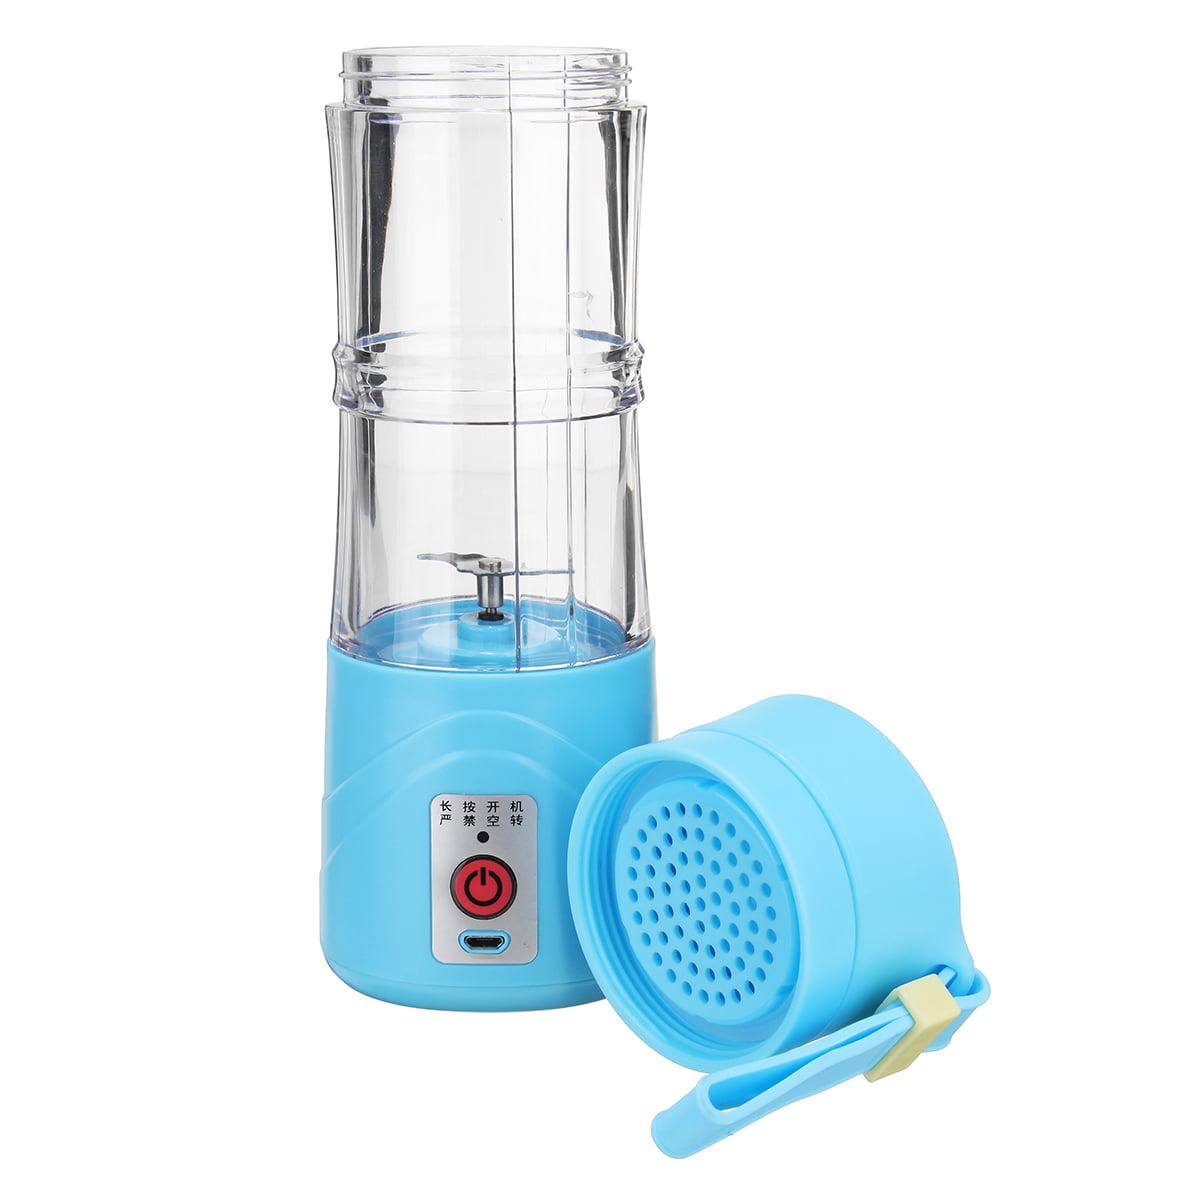 380ml Portable USB Electric Fruit Juicer Smoothie Maker Blender ...